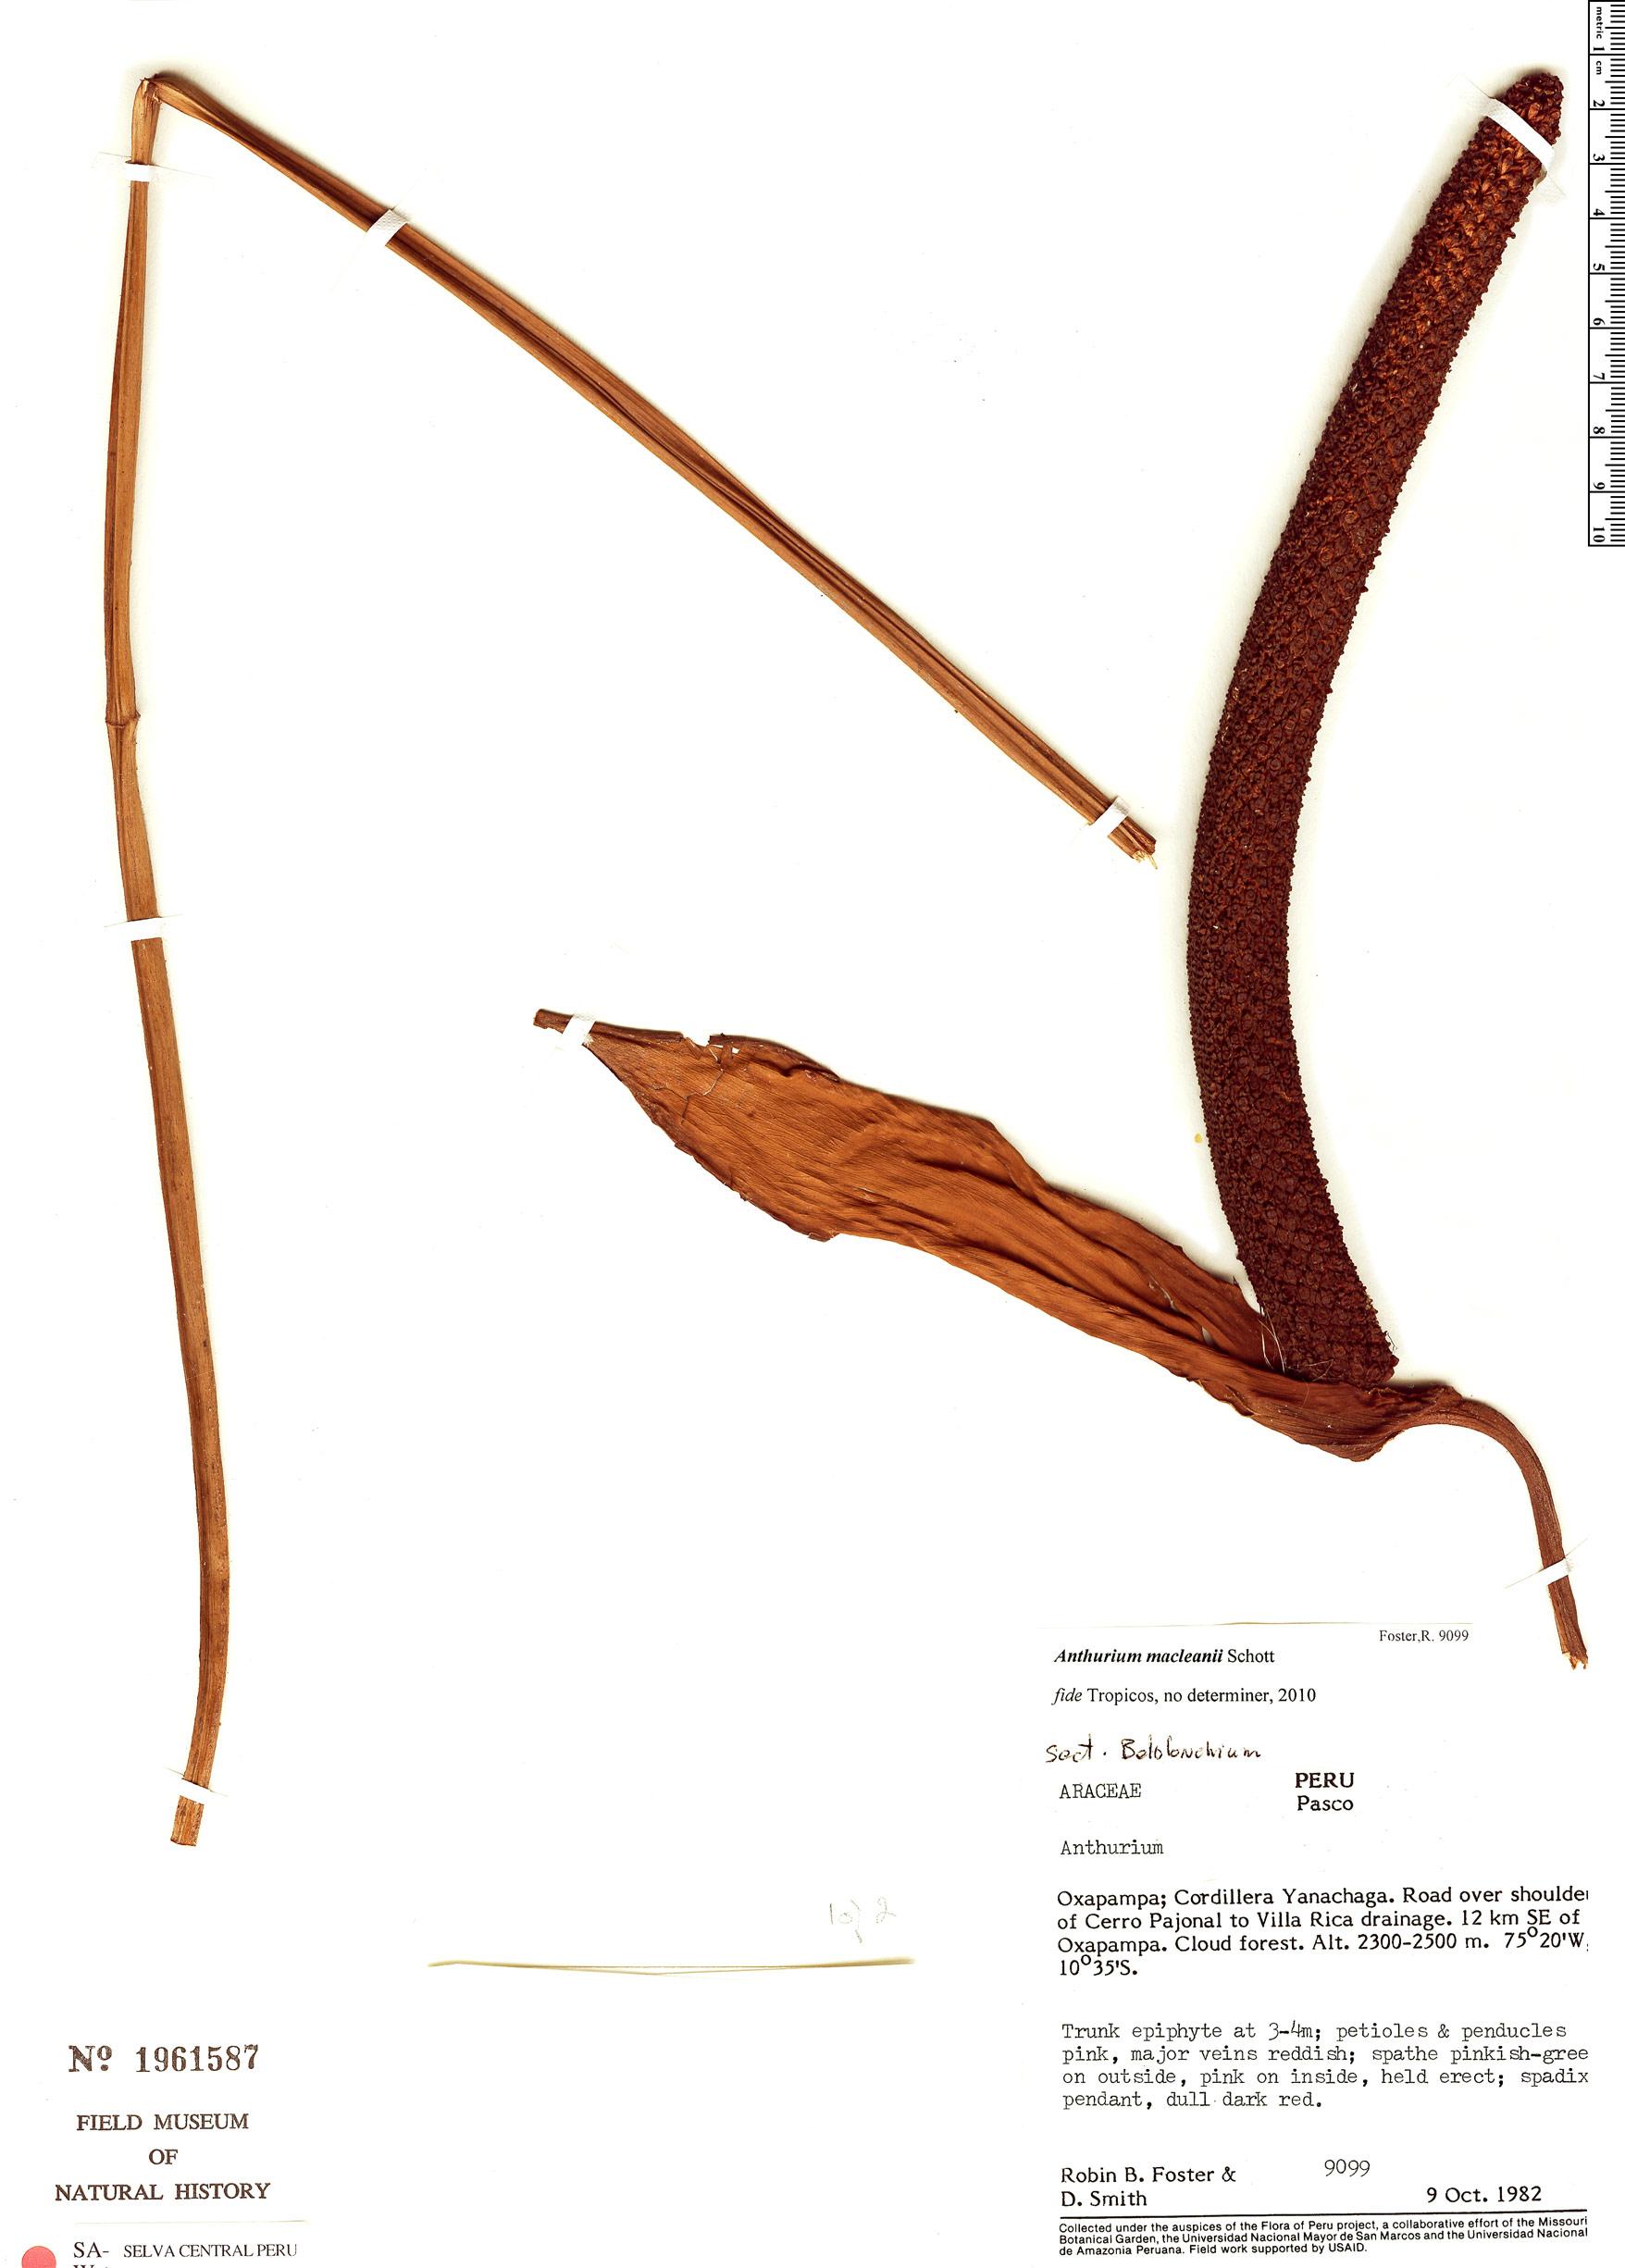 Specimen: Anthurium macleanii